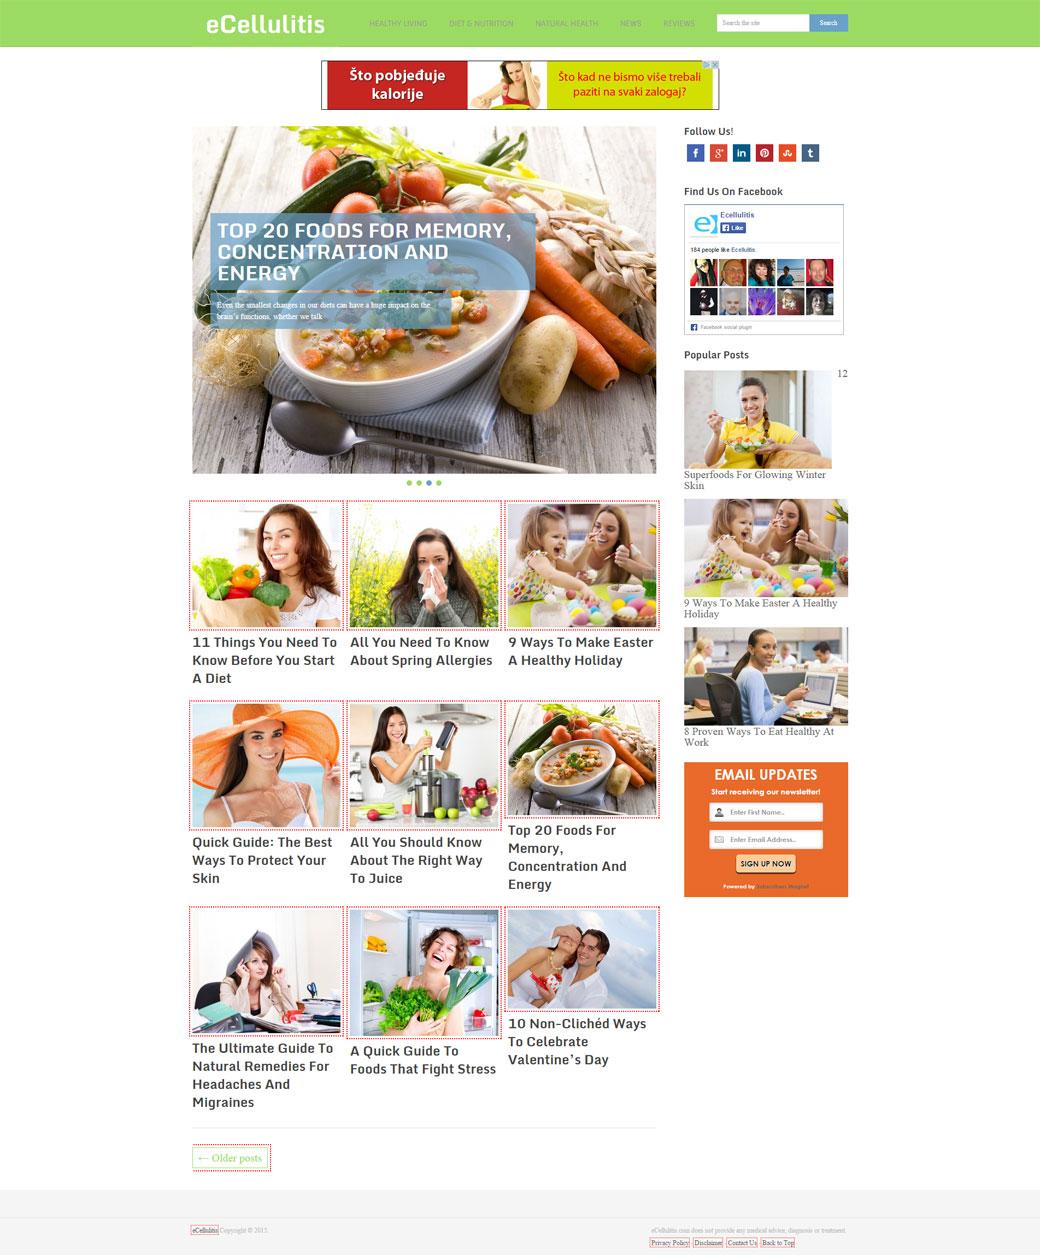 D4WEB - ecellulitis.com